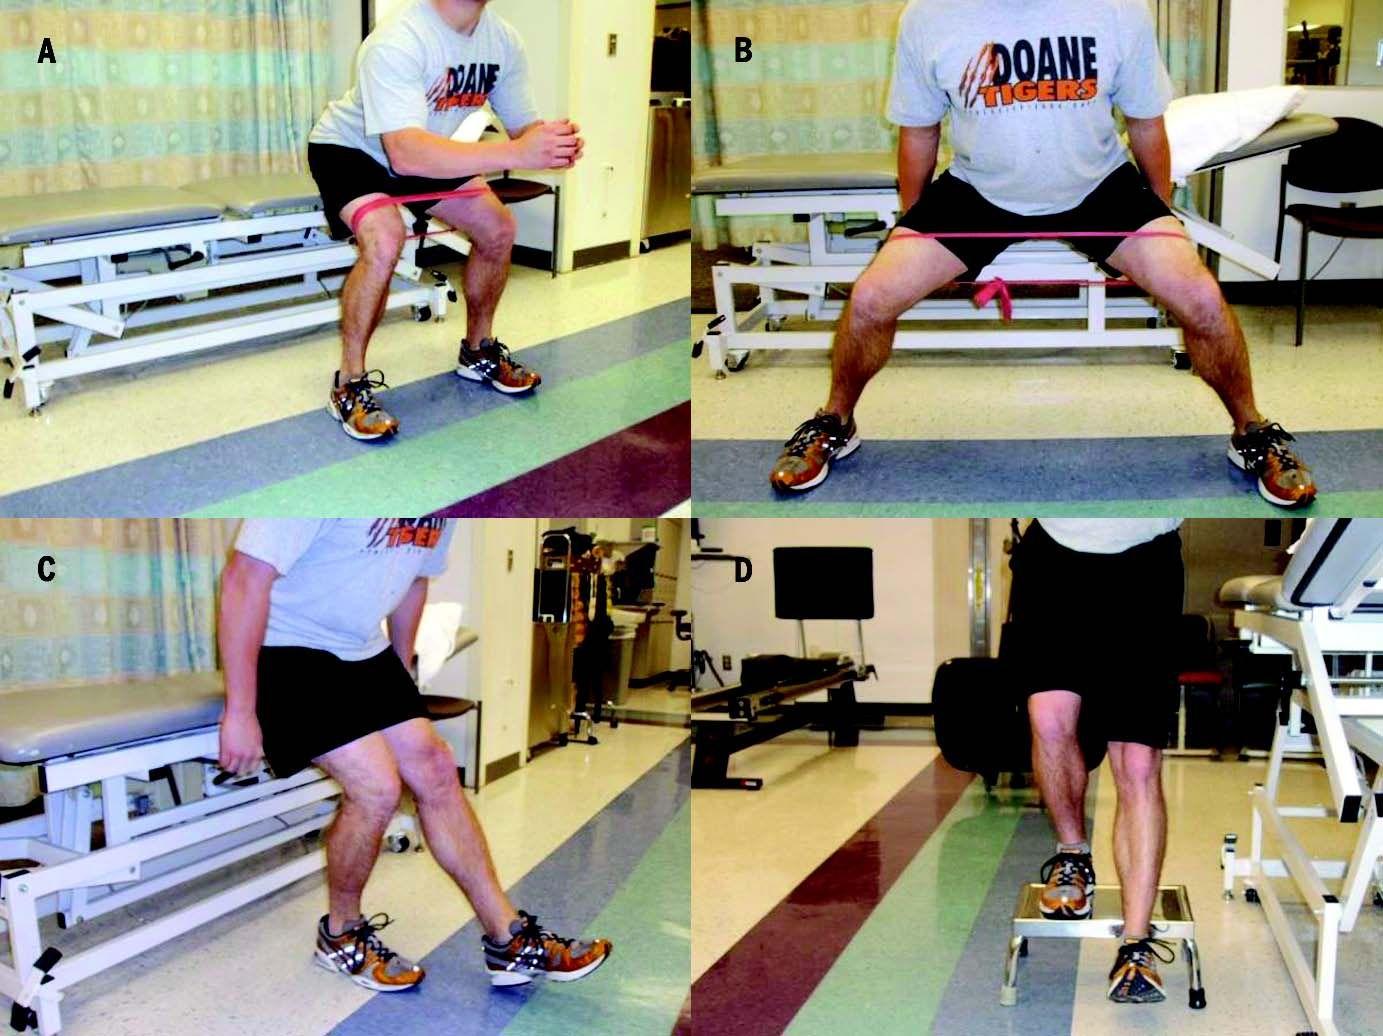 piriformis syndrome therband exercises Piriformis